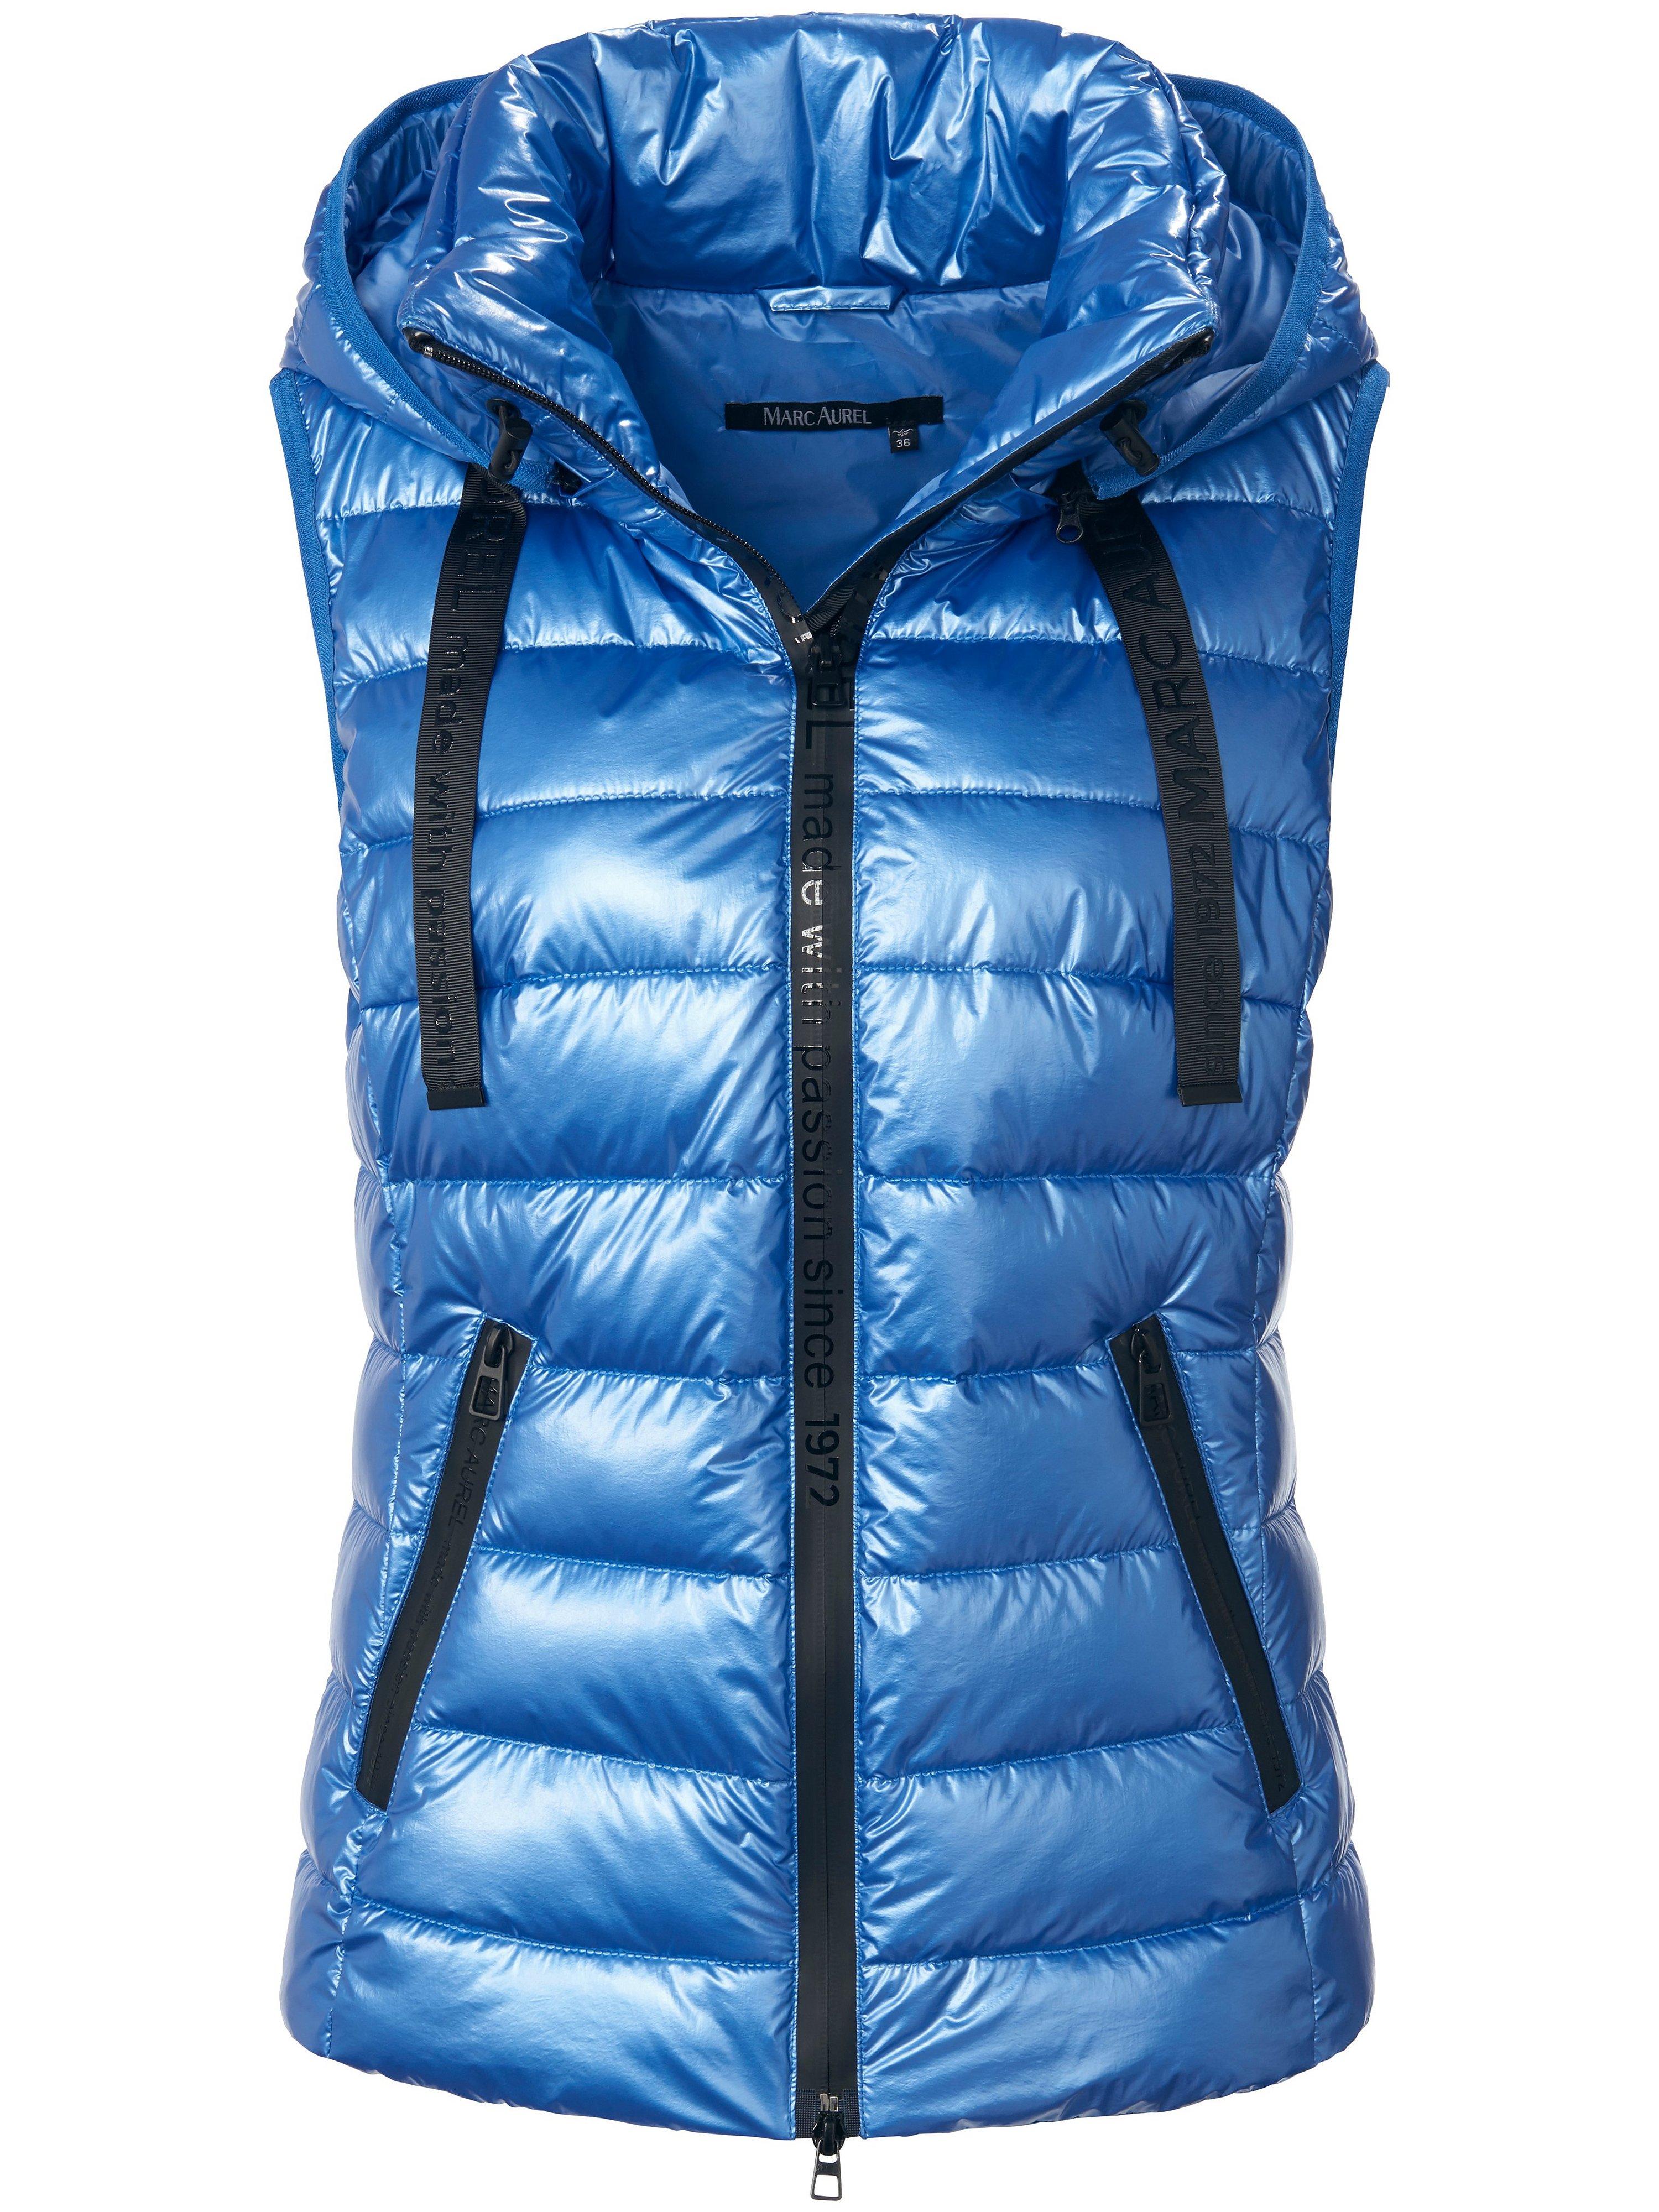 Bodywarmer imitatiedons staande kraag Van Marc Aurel blauw